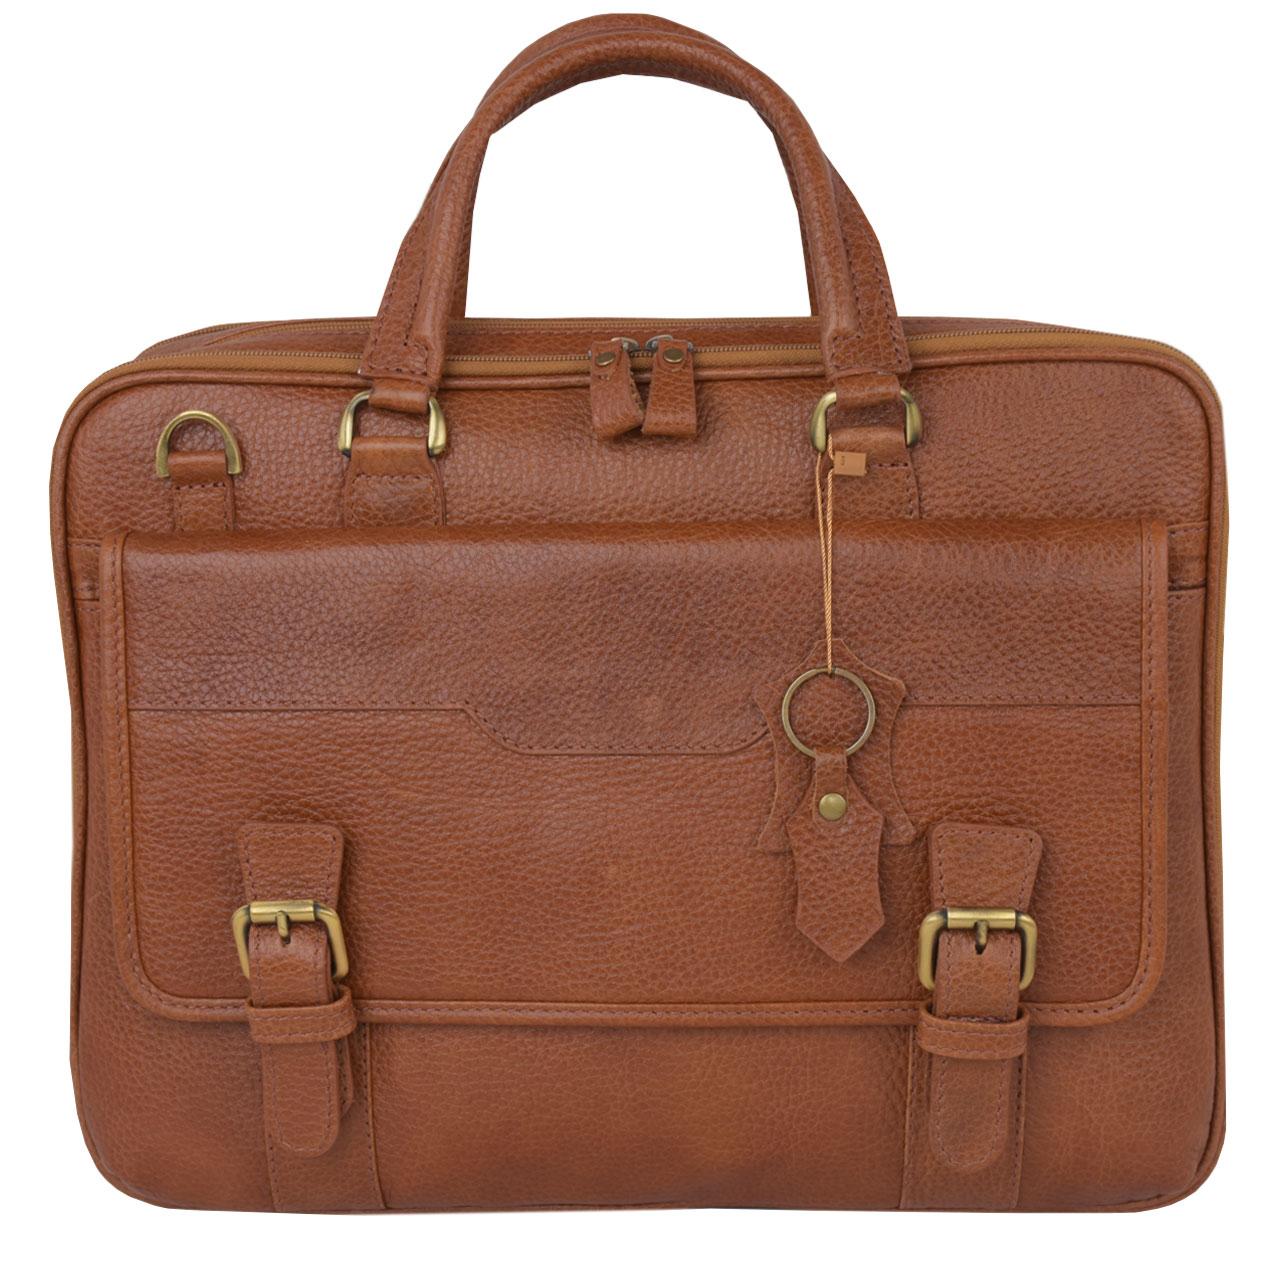 کیف اداری مردانه کهن چرم مدل L141-1